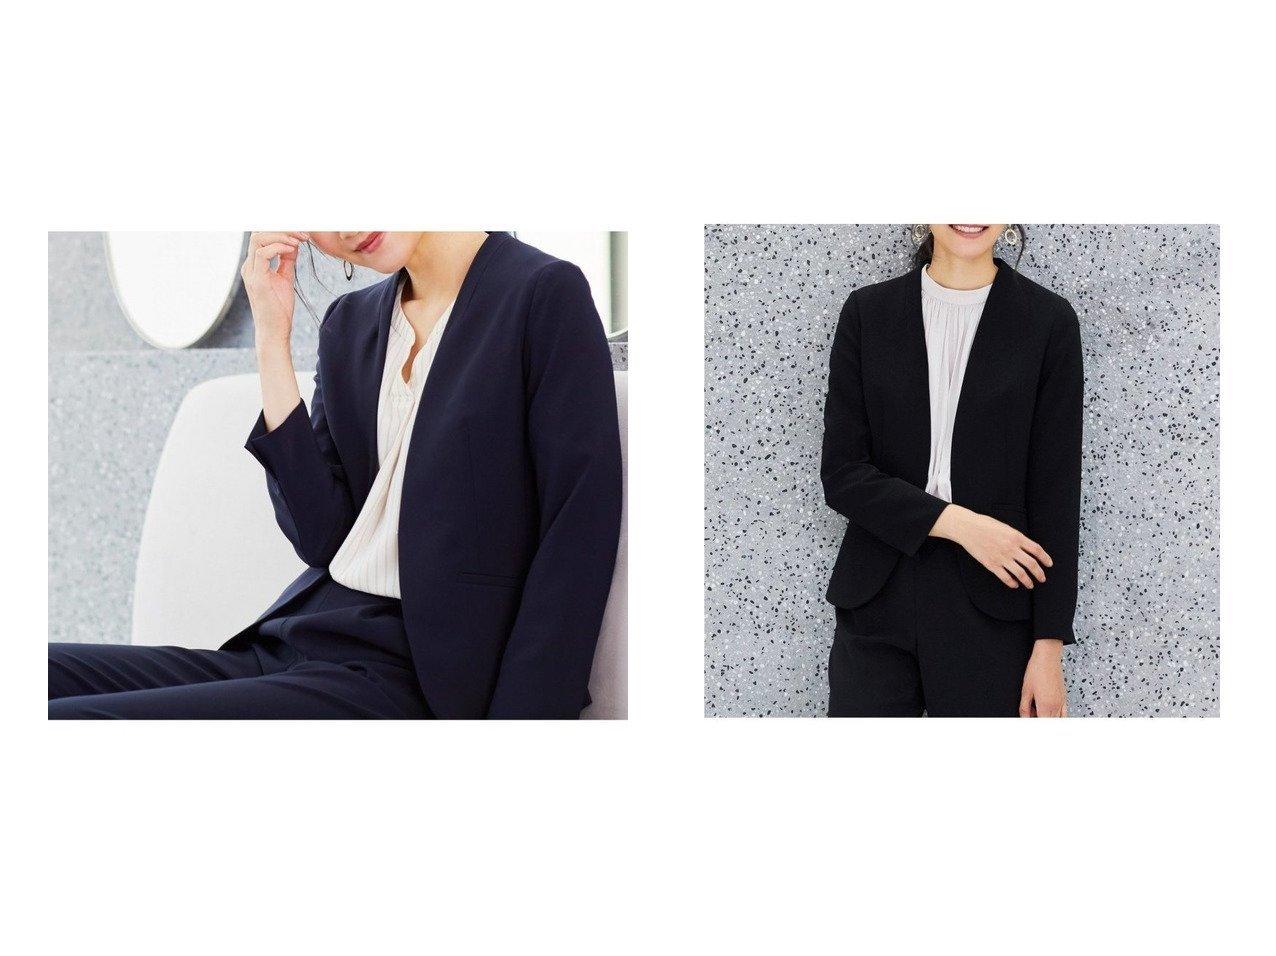 【any SiS/エニィ スィス】の【セットアップ対応】セレモニーダブルクロス ノーカラー ジャケット 【アウター】おすすめ!人気、トレンド・レディースファッションの通販 おすすめで人気の流行・トレンド、ファッションの通販商品 メンズファッション・キッズファッション・インテリア・家具・レディースファッション・服の通販 founy(ファニー) https://founy.com/ ファッション Fashion レディースファッション WOMEN アウター Coat Outerwear コート Coats ジャケット Jackets ノーカラージャケット No Collar Leather Jackets おすすめ Recommend カットソー ジャケット ストレッチ セットアップ ブローチ ボトム ワーク  ID:crp329100000028585